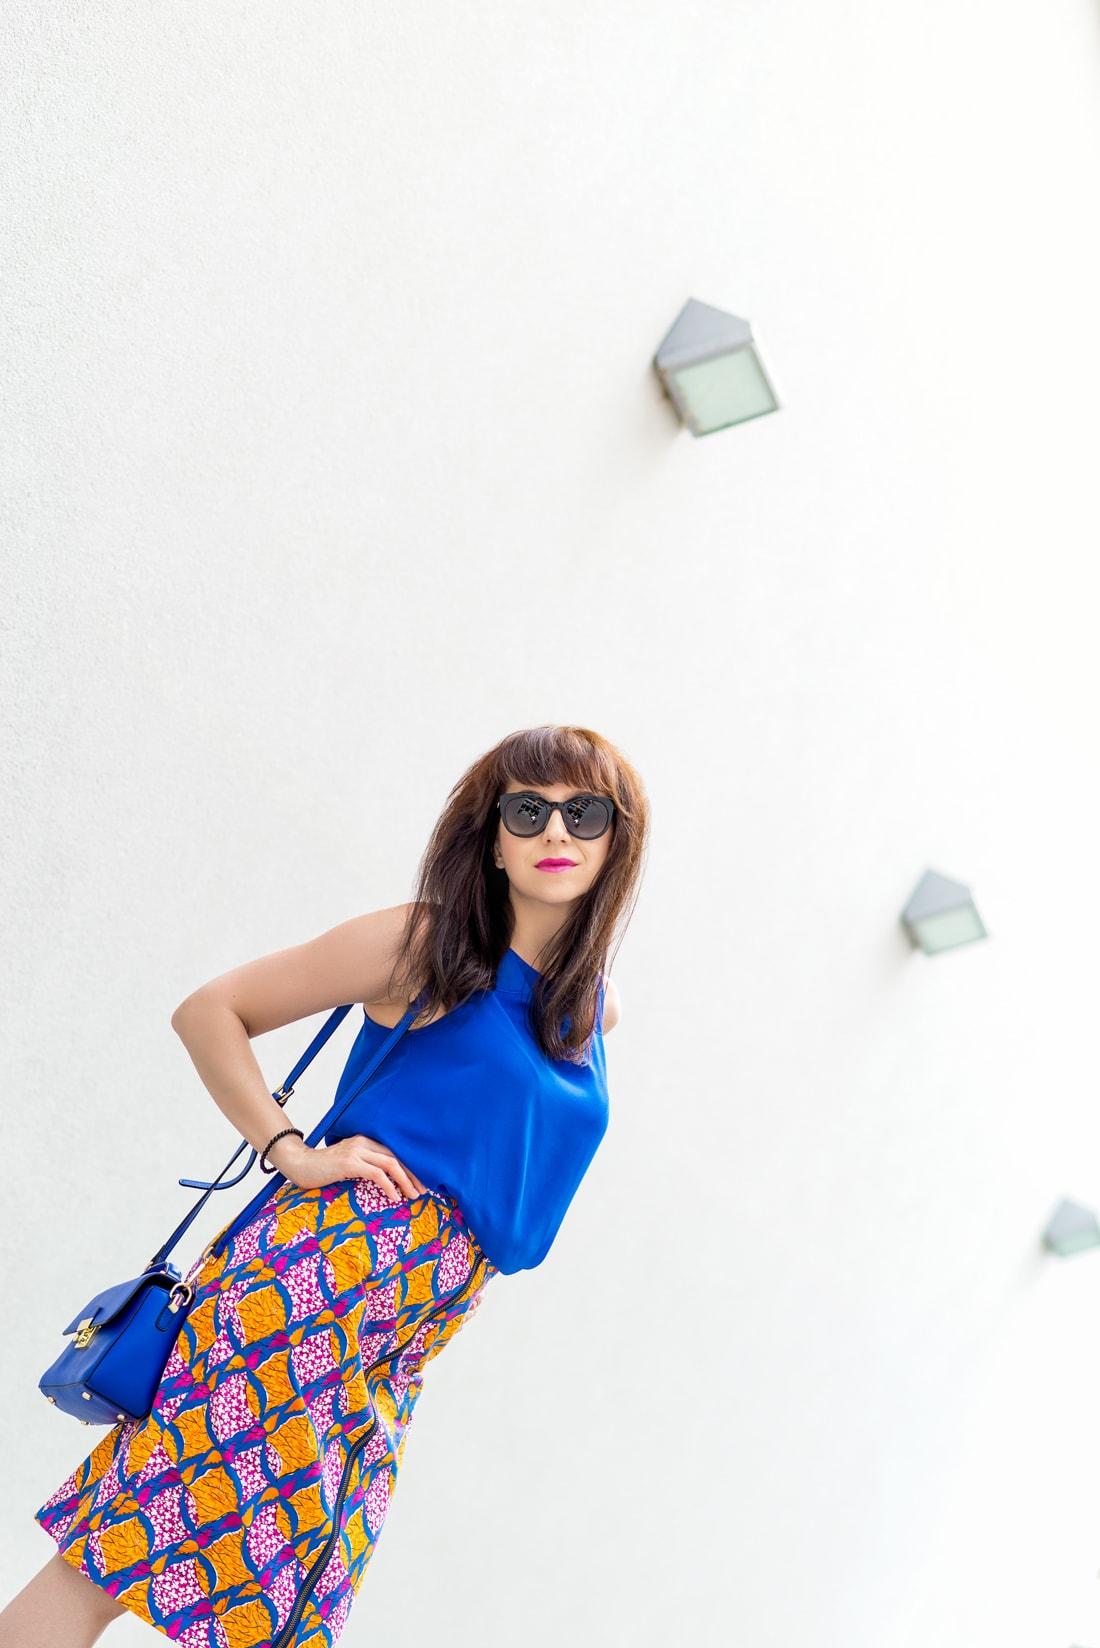 V KTOREJ SUKNI ZAŽIARITE, KEĎ LETO EŠTE NEKONČÍ_Katharine-fashion is beautiful_blog 4_vzorovaná sukňa na leto_Kožená kabelka JEJ_Slnečné okuliare MisterOptic_Katarína Jakubčová_Fashion blogger